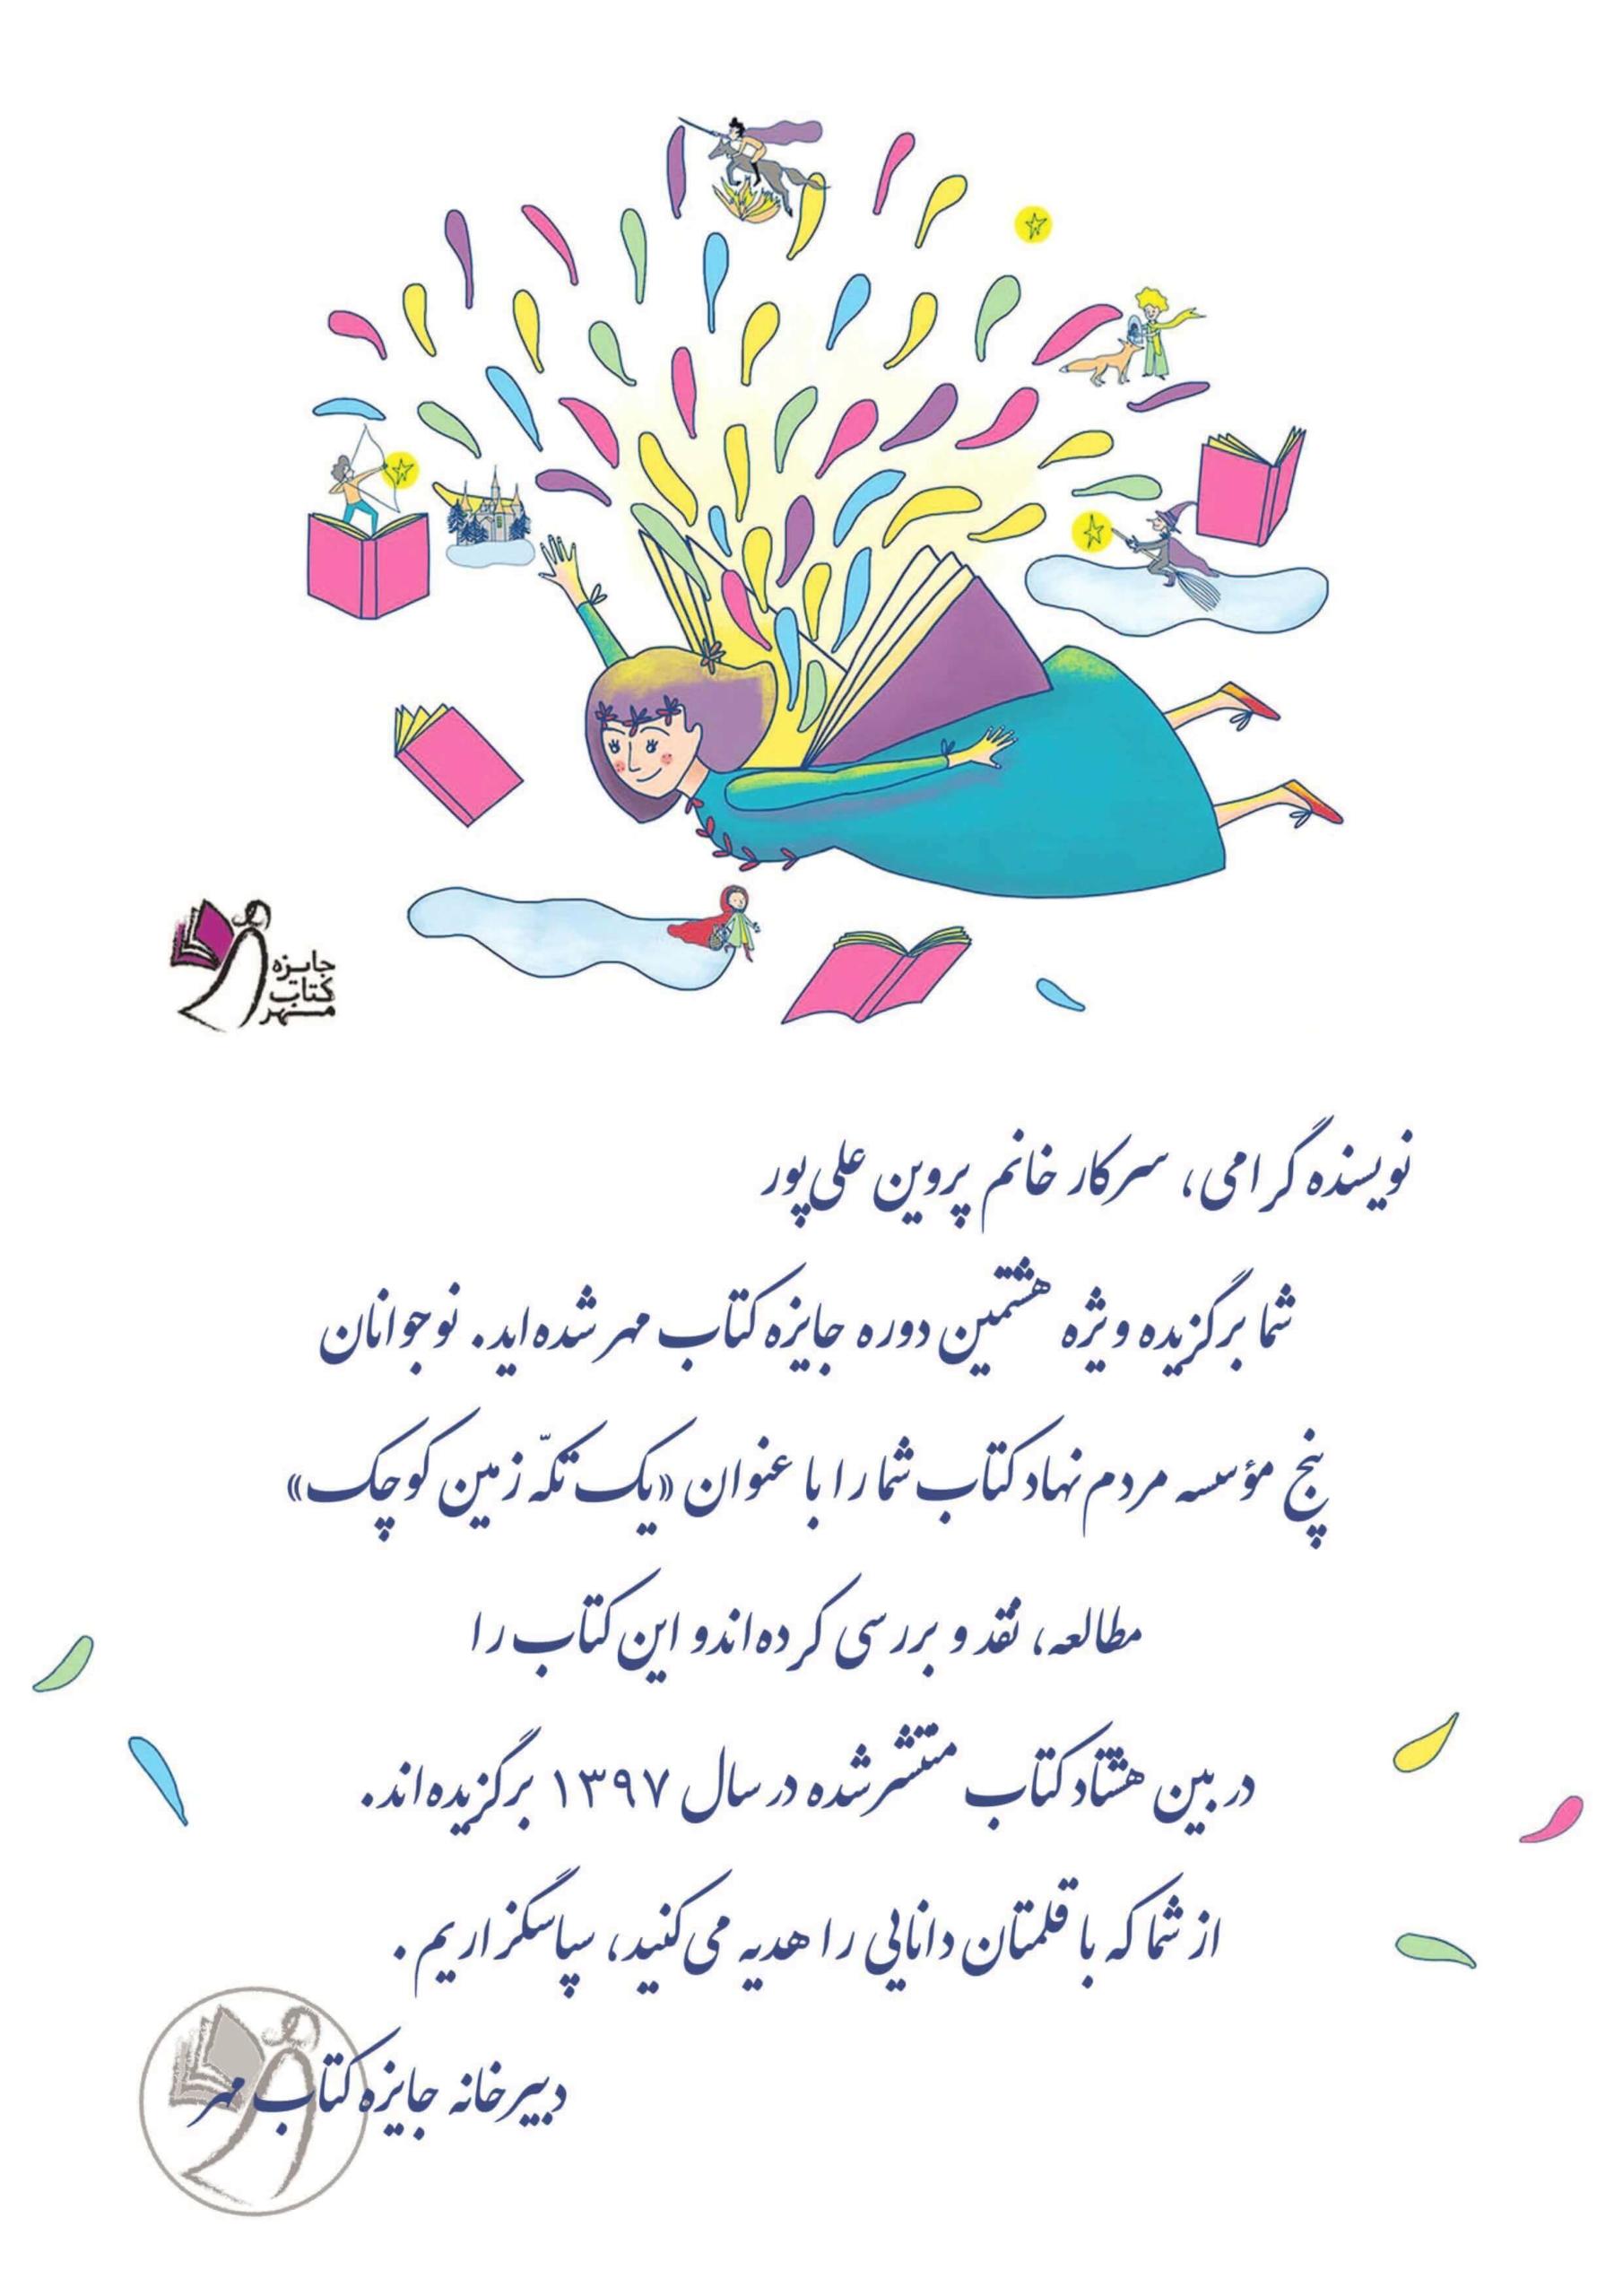 برندگان هشتمین دوره جایزه کتاب مهر - پروین علی پور - یک تکه زمین کوچک - نشر افق